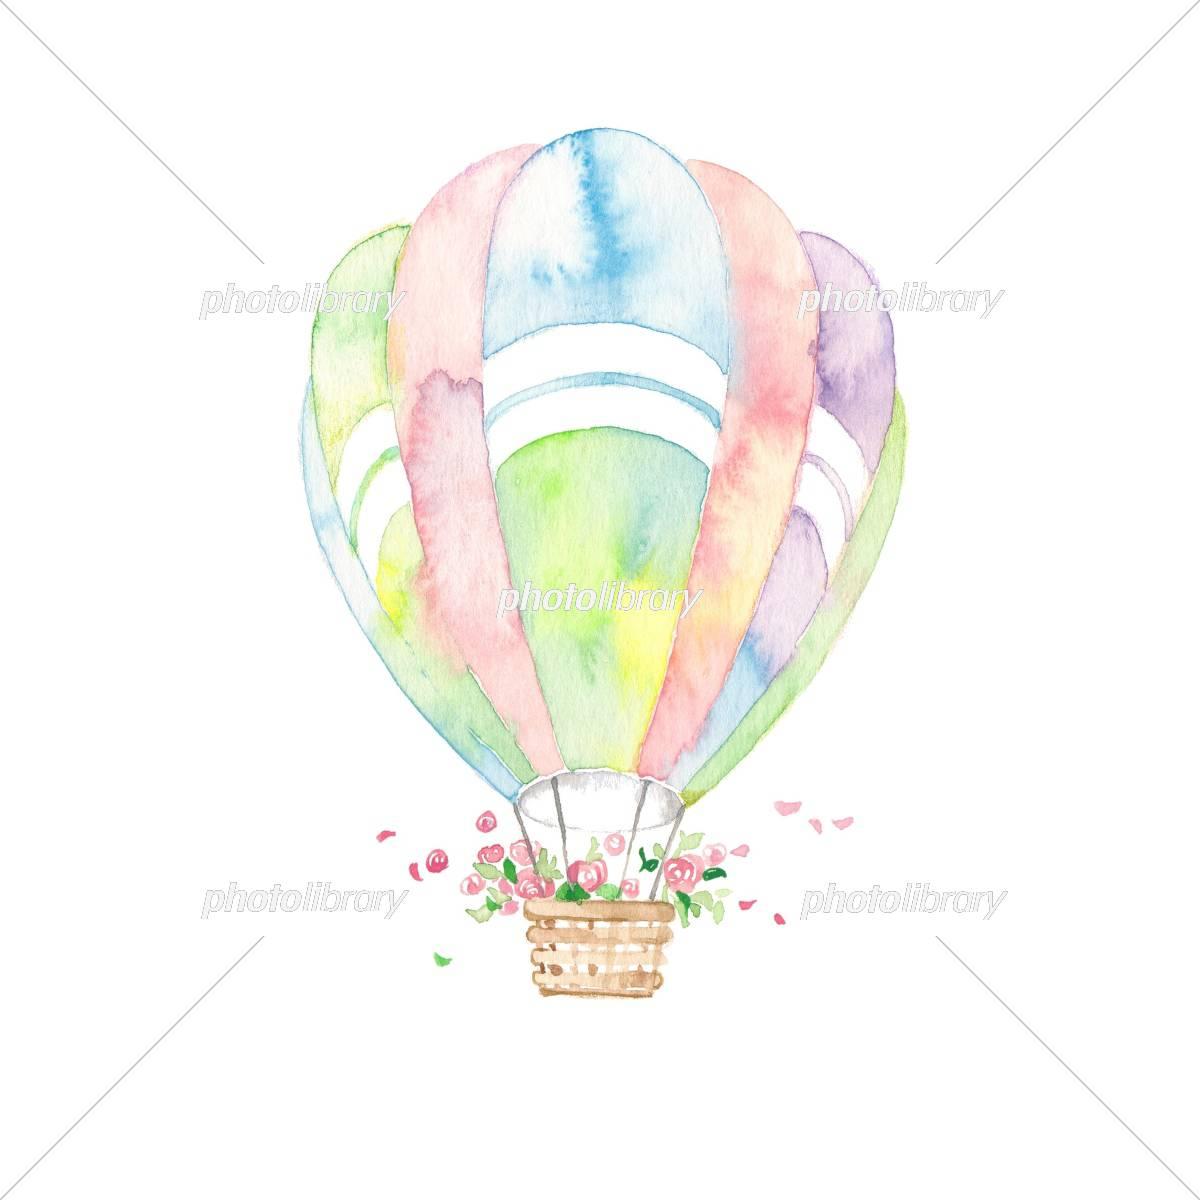 七色気球 花かご イラスト素材 5325257 フォトライブラリー